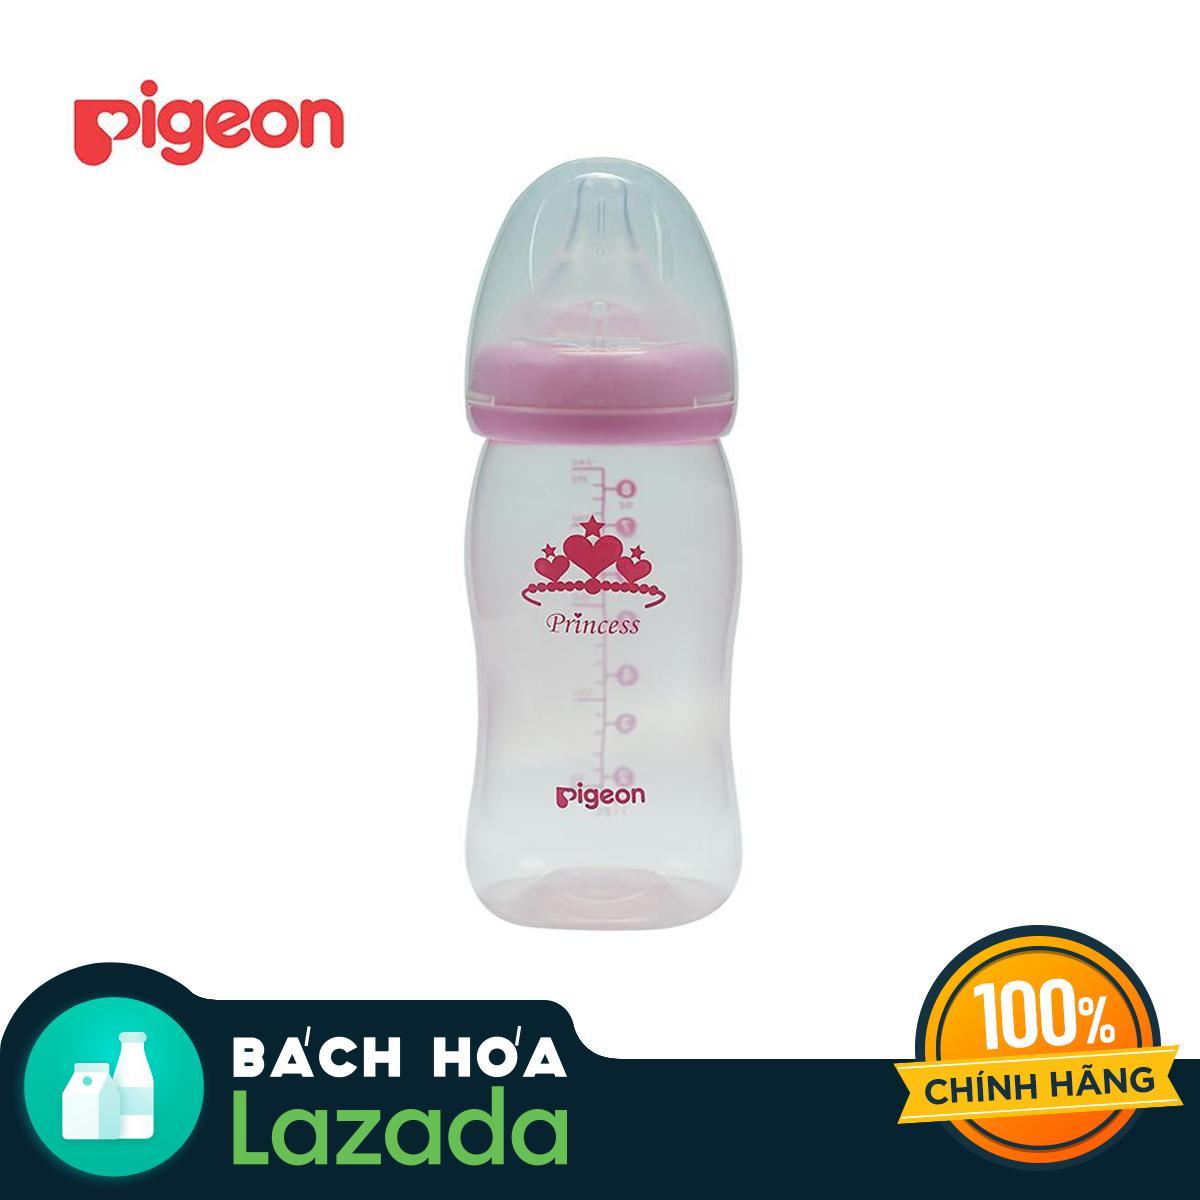 [TẶNG KHĂN SỮA] Bộ đôi Bình sữa PIGEON PP Plus 240ml - Mẫu Công Chúa